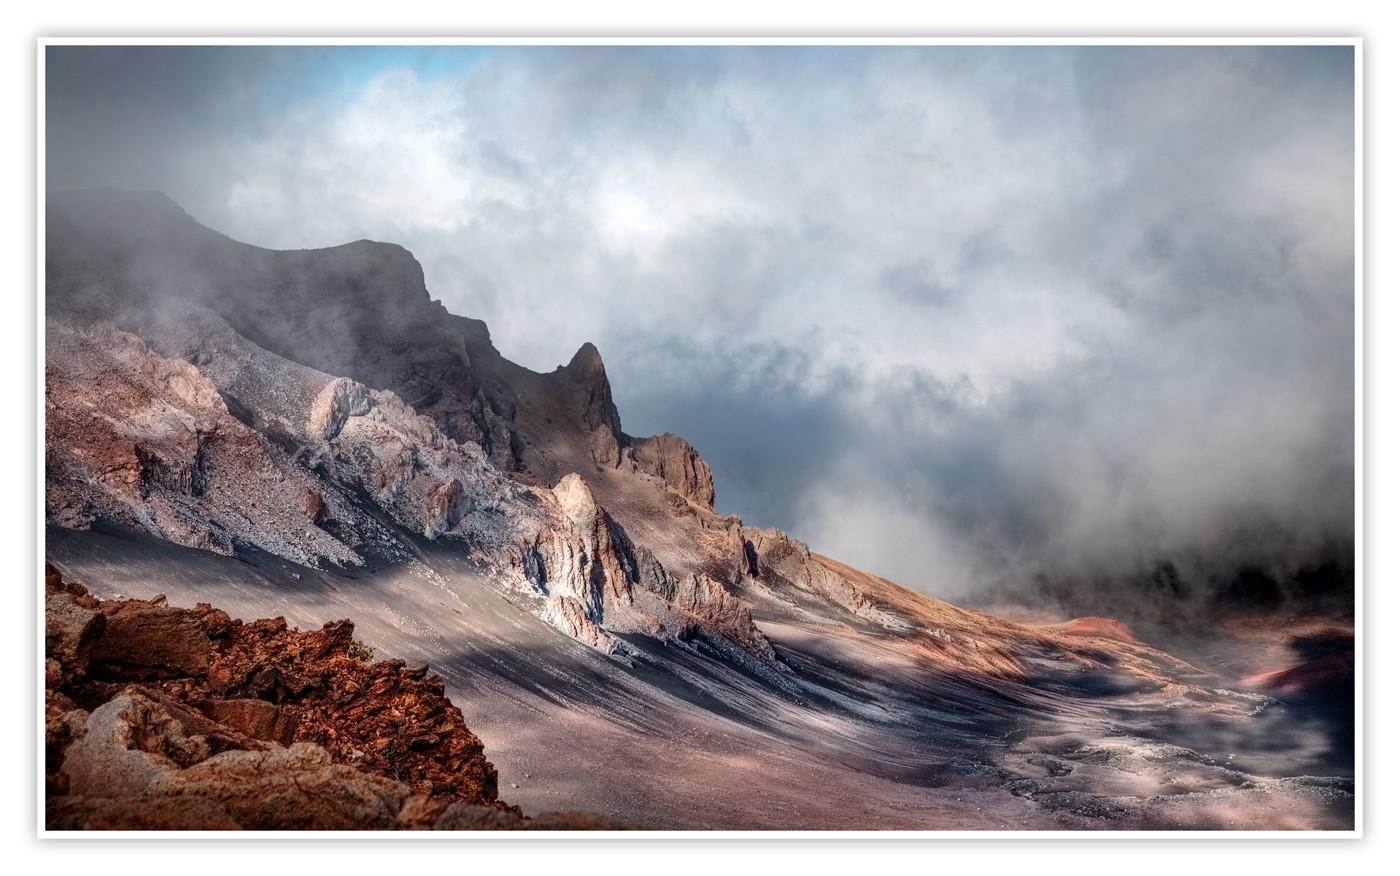 18 HALEAKALA VOLCANO MAUI HAWAII by Dave Brooker